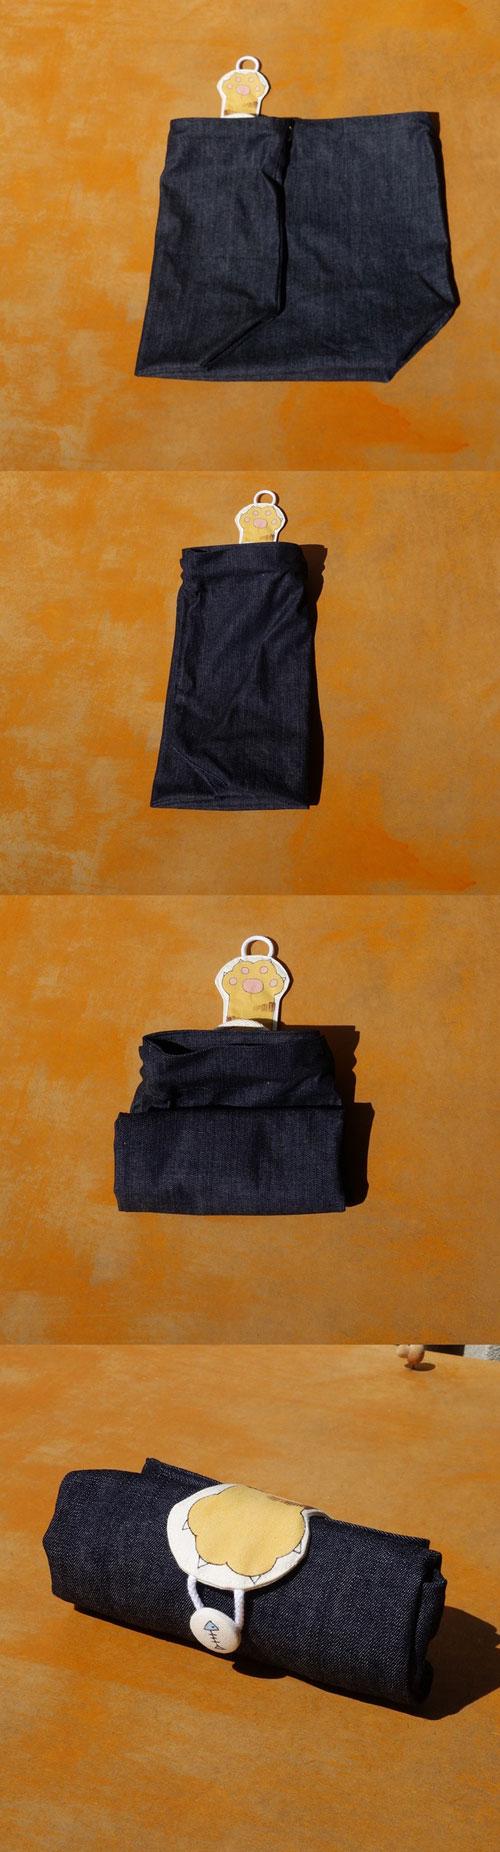 折り畳み巾着バッグ